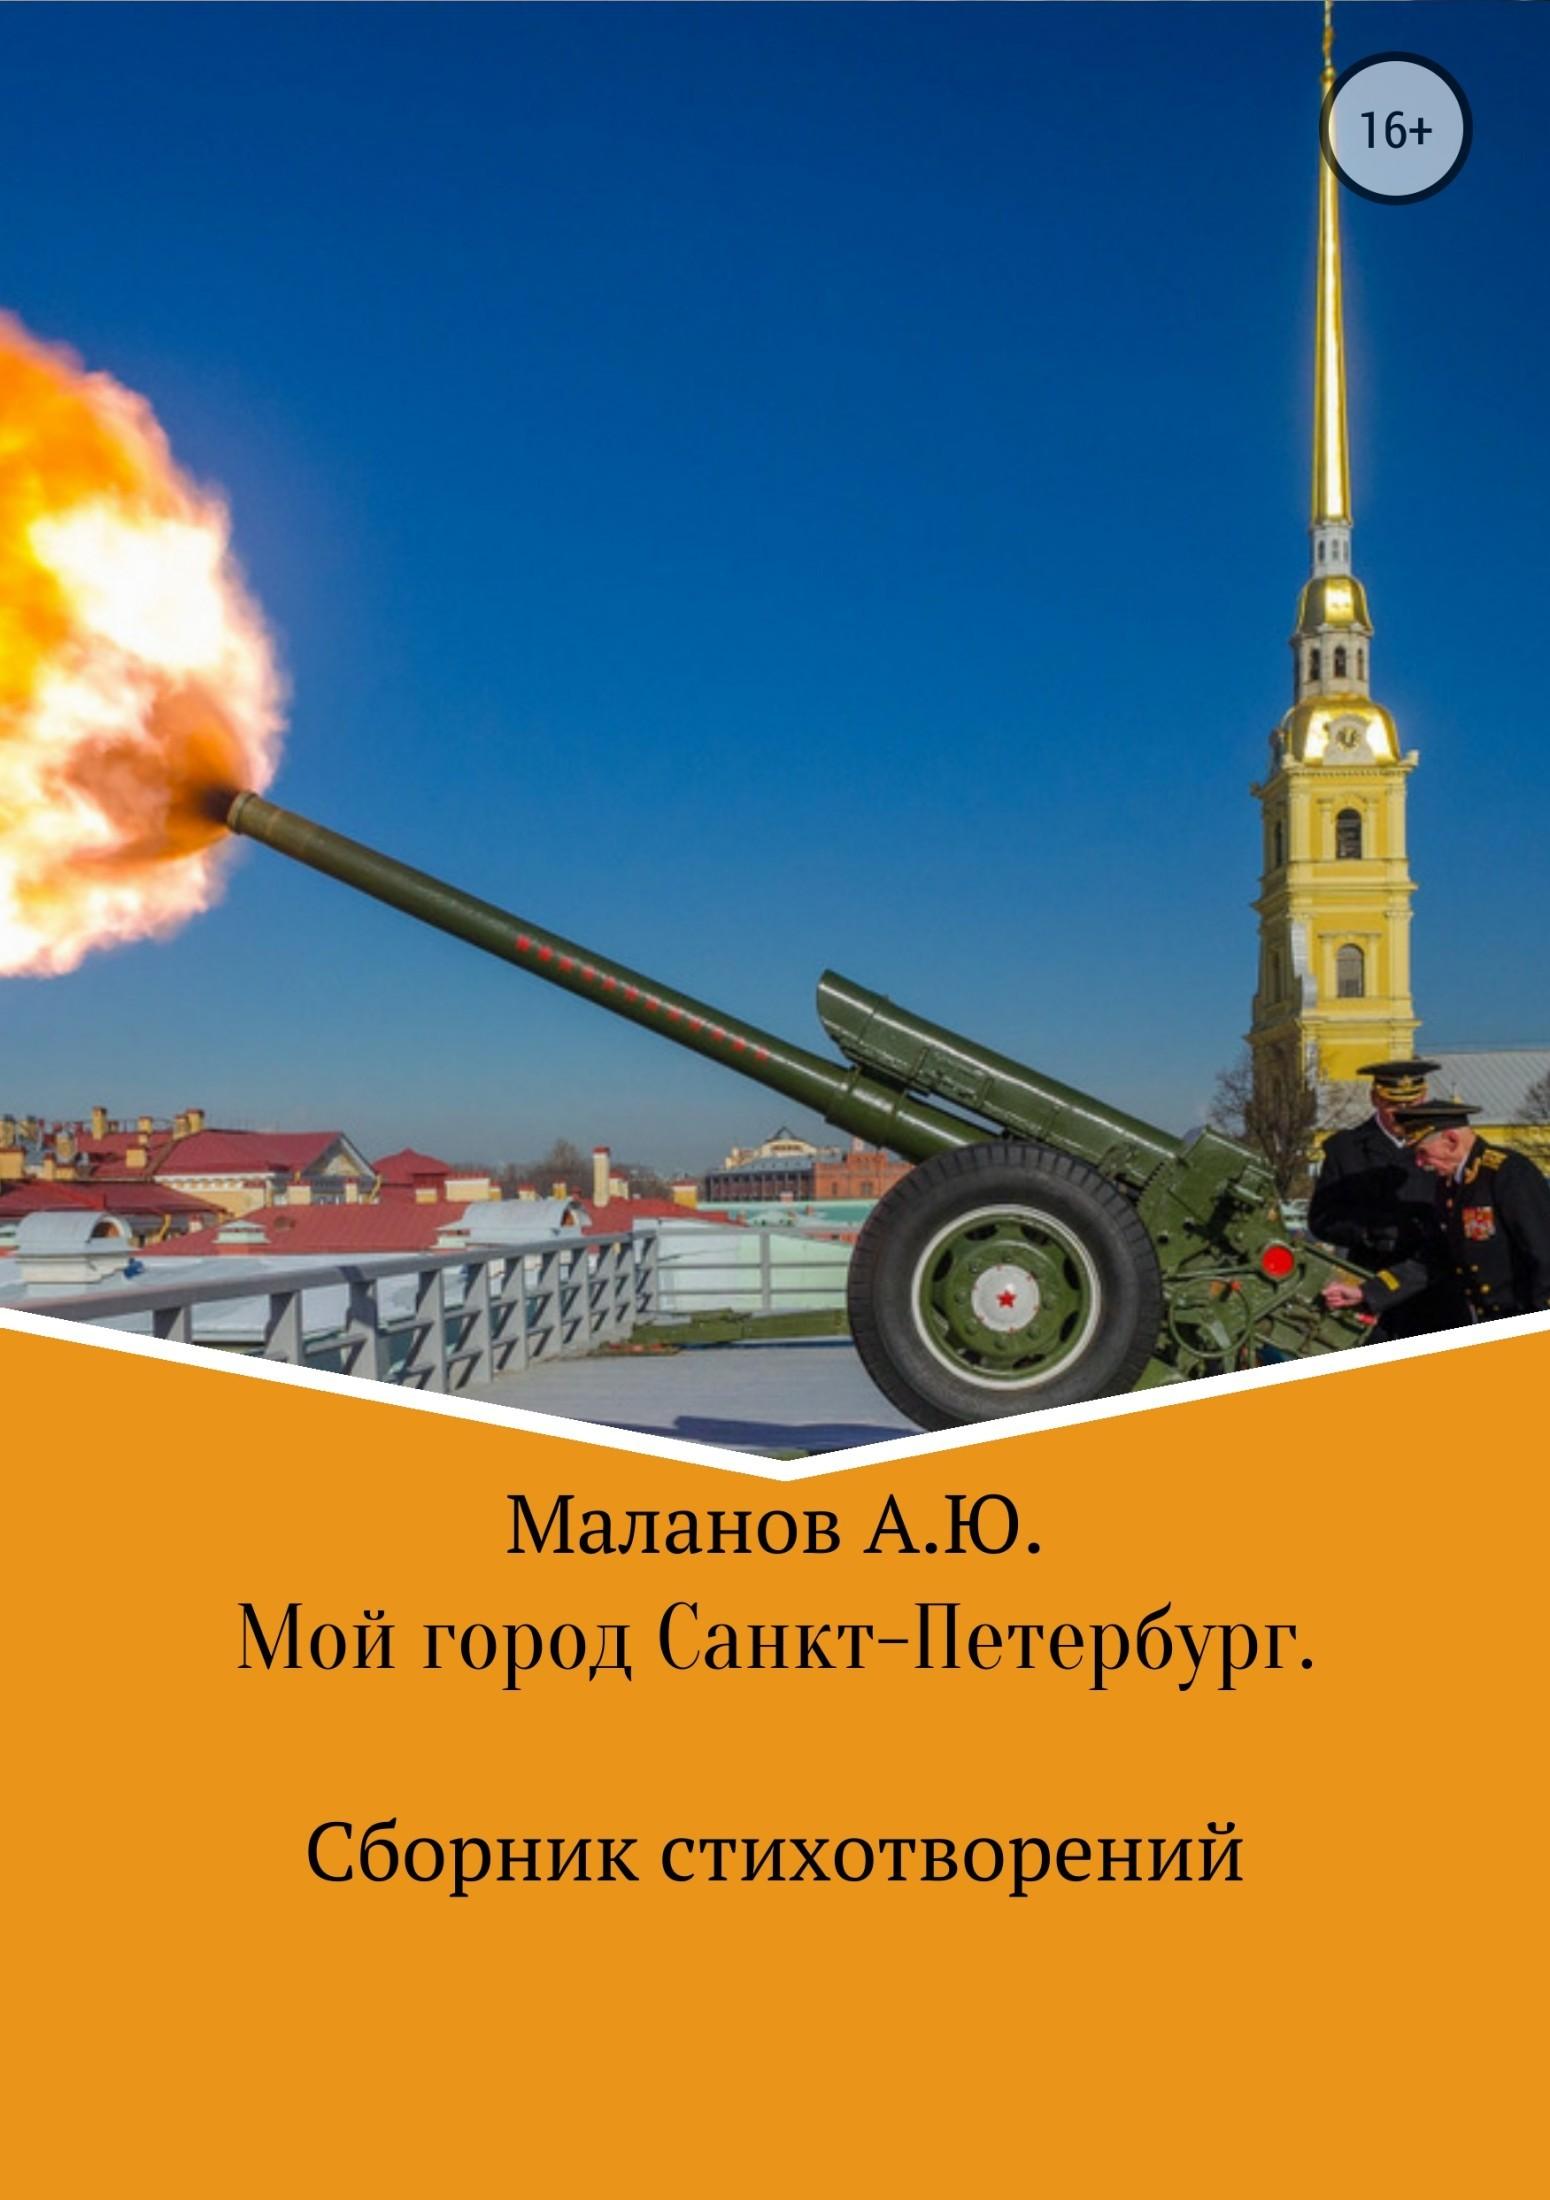 Анатолий Юрьевич Маланов Мой город Санкт-Петербург. Сборник стихотворений